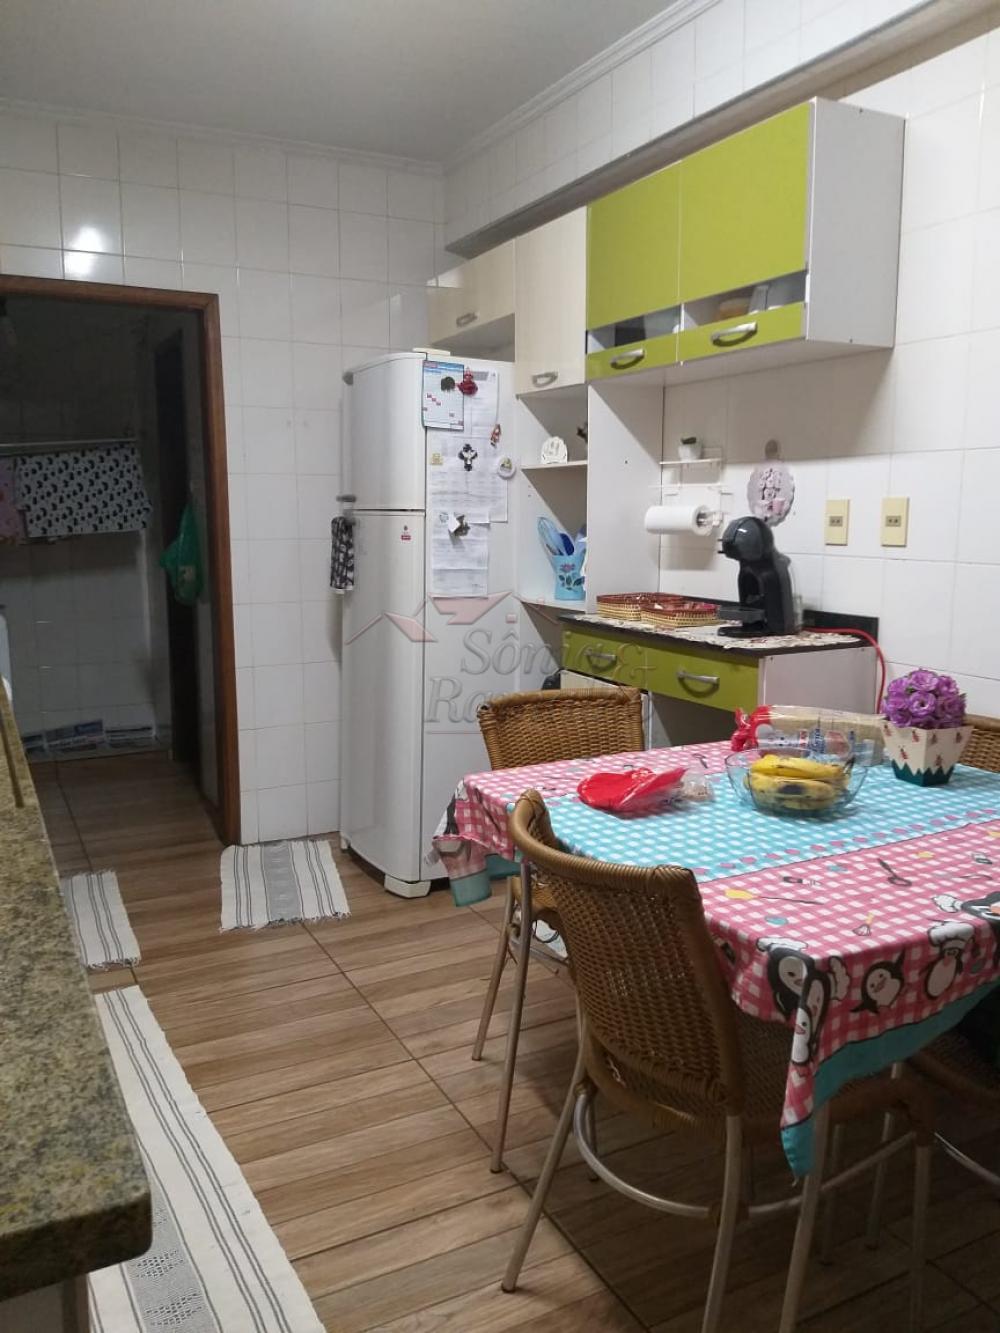 Comprar Apartamentos / Padrão em Ribeirão Preto apenas R$ 196.000,00 - Foto 20